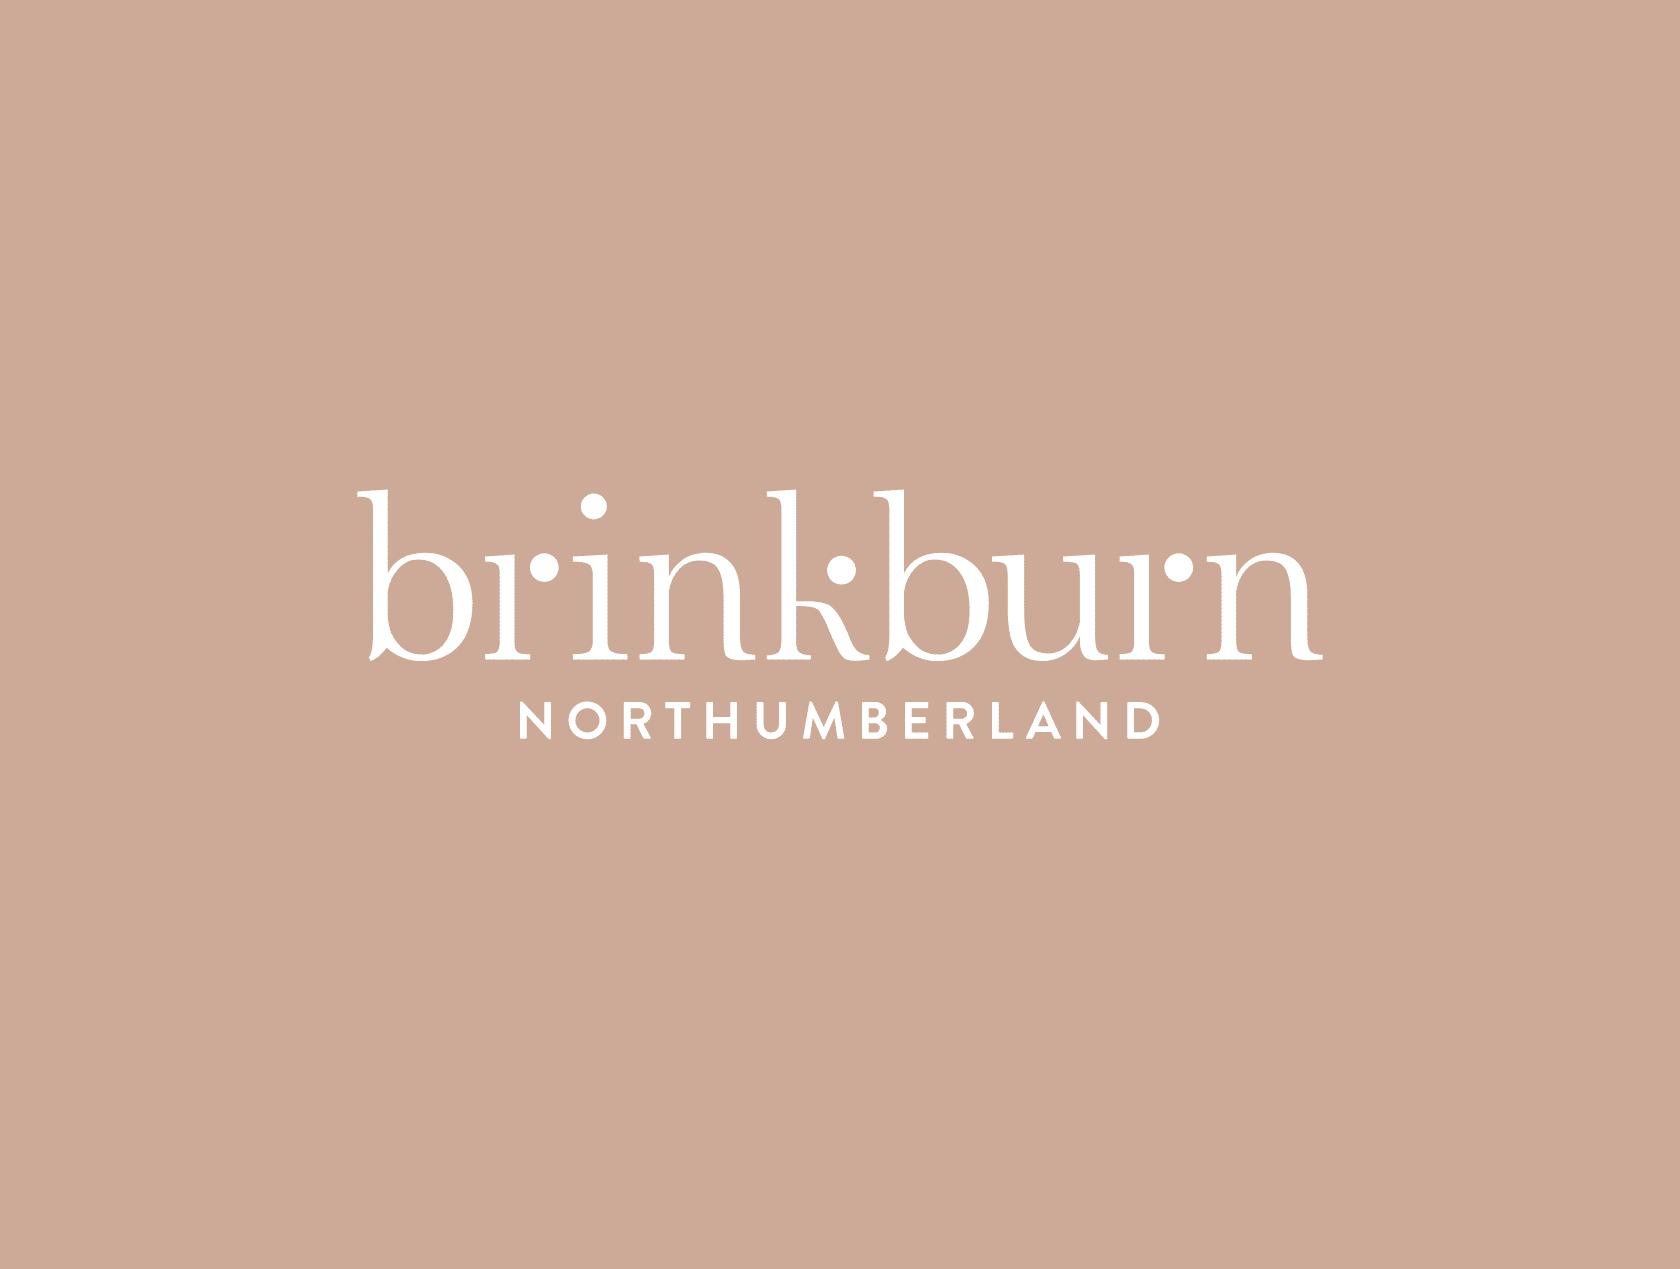 Brinkburn logo by TAC